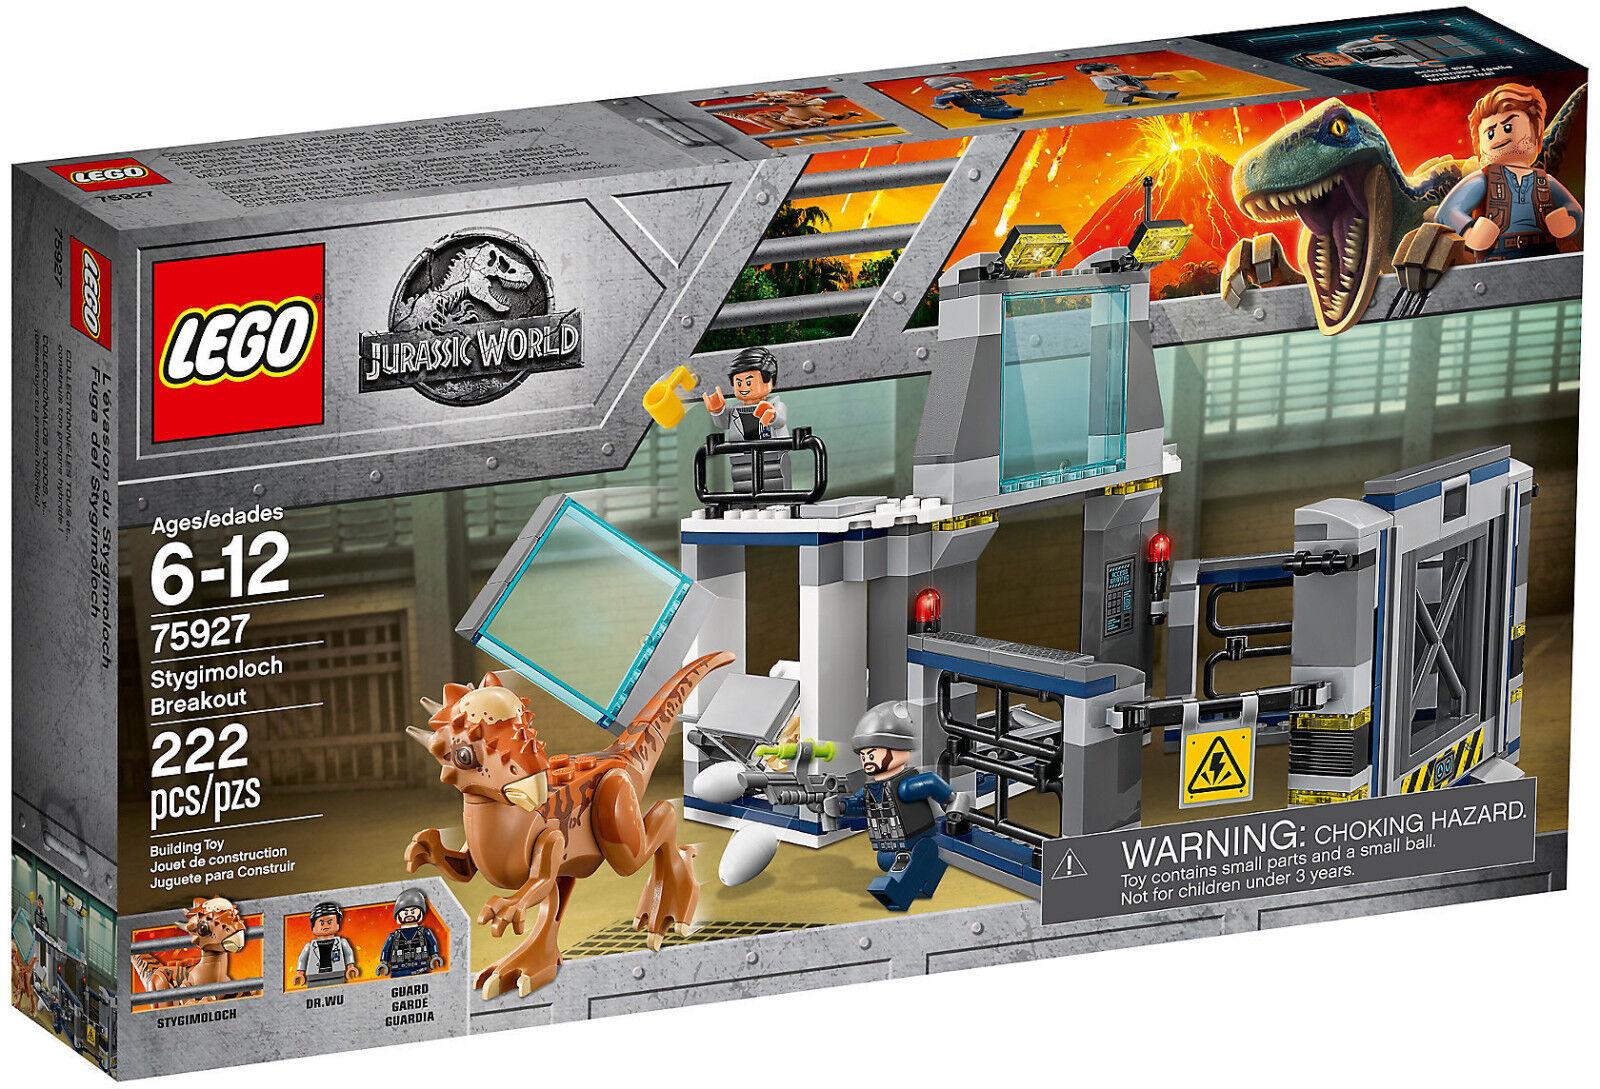 Lego Jurassic World 75927 L'evasione dello Stygimoloch Nuovo Dr. Wu